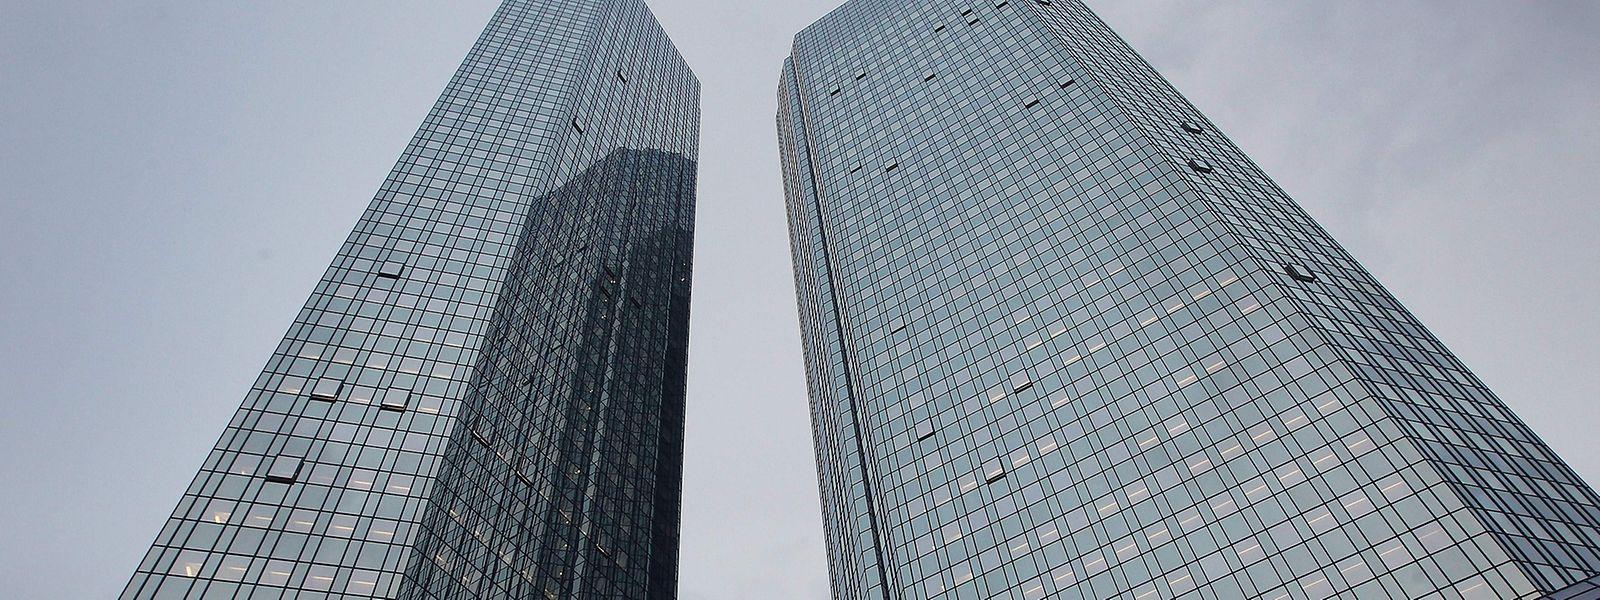 Viele der deutschen Großbanken waren in fragwürdige Aktiendeals verstrickt, darunter auch die Deutsche Bank.